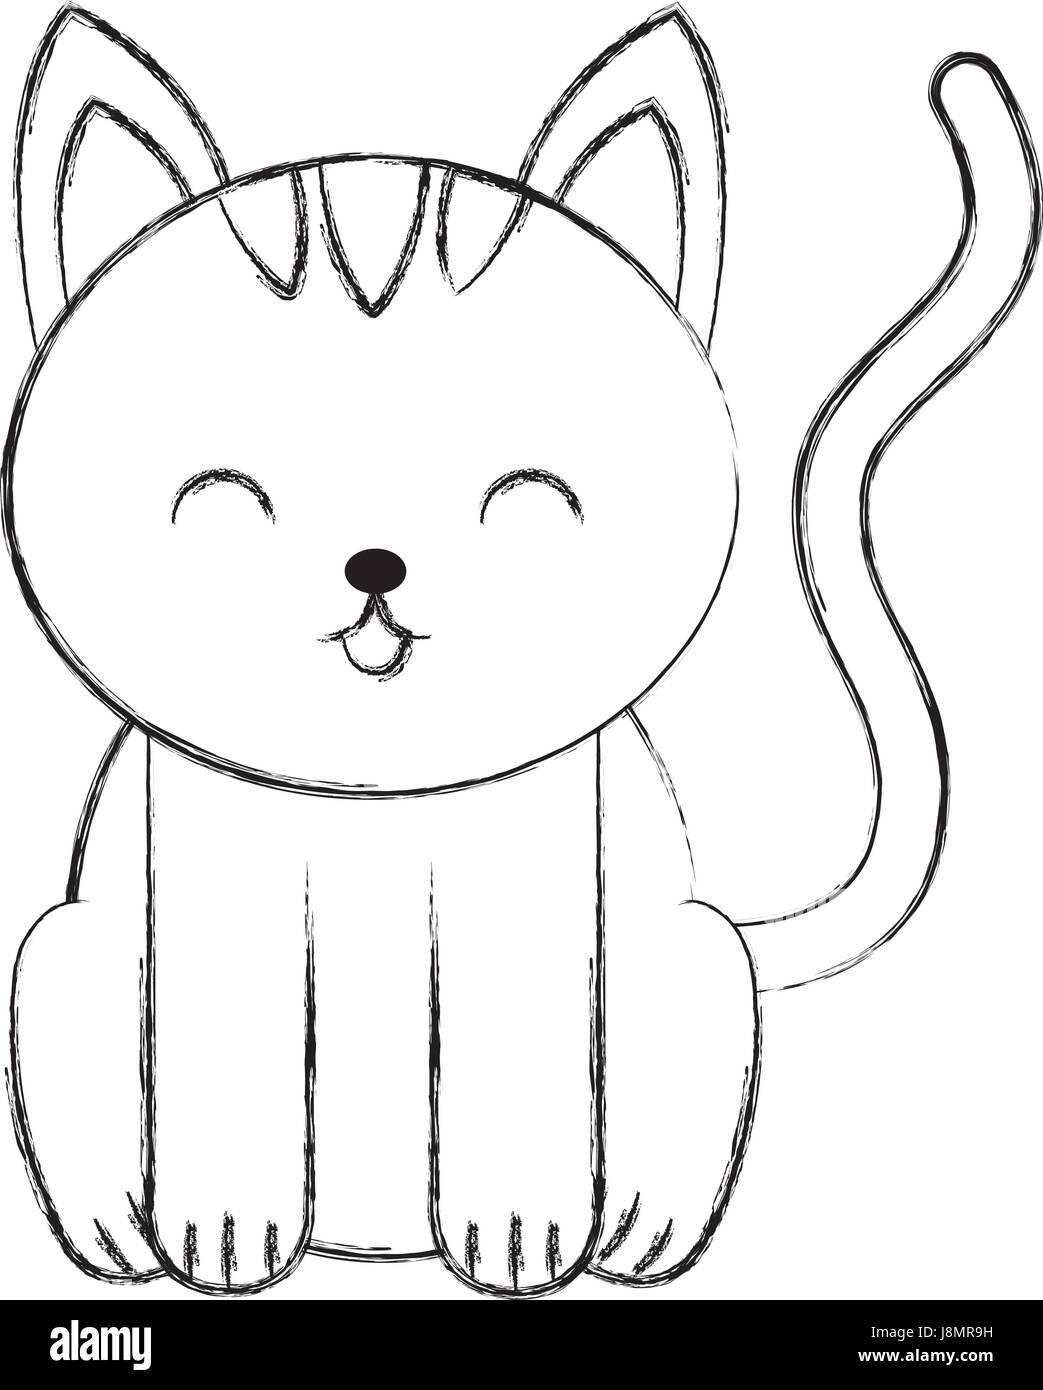 Cute Sketch Draw Cat Cartoon Stock Vector Art Illustration Vector